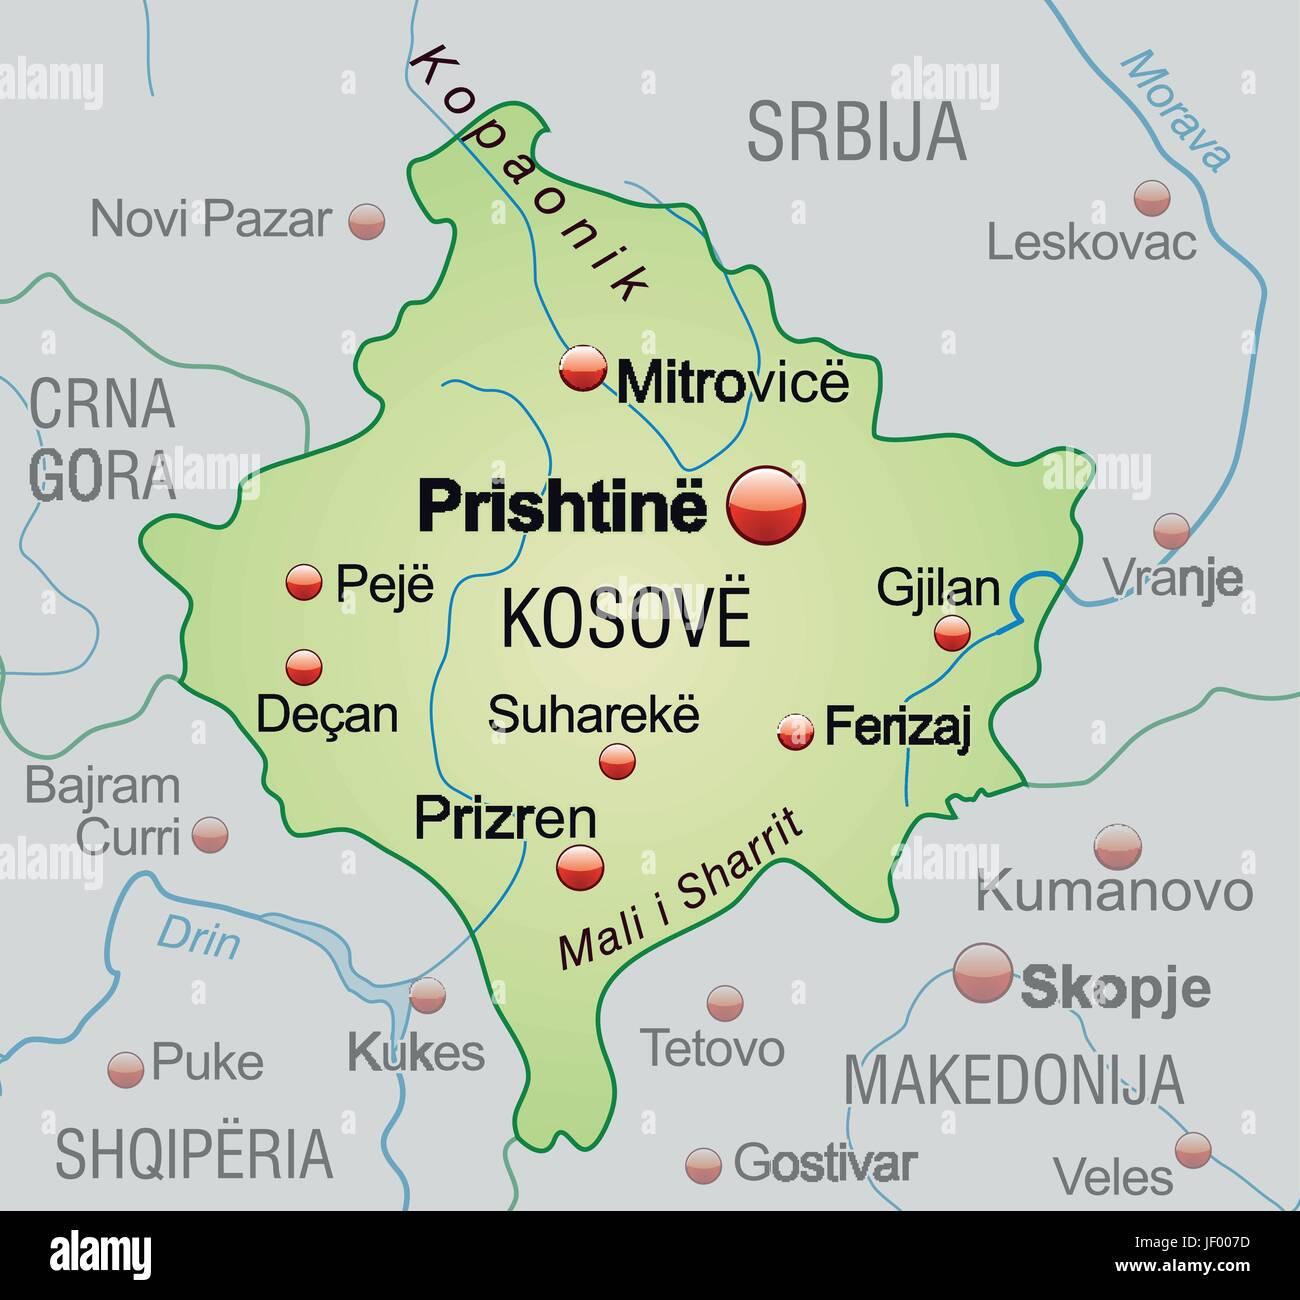 Border card synopsis borders kosovo atlas map of the world border card synopsis borders kosovo atlas map of the world map gumiabroncs Image collections